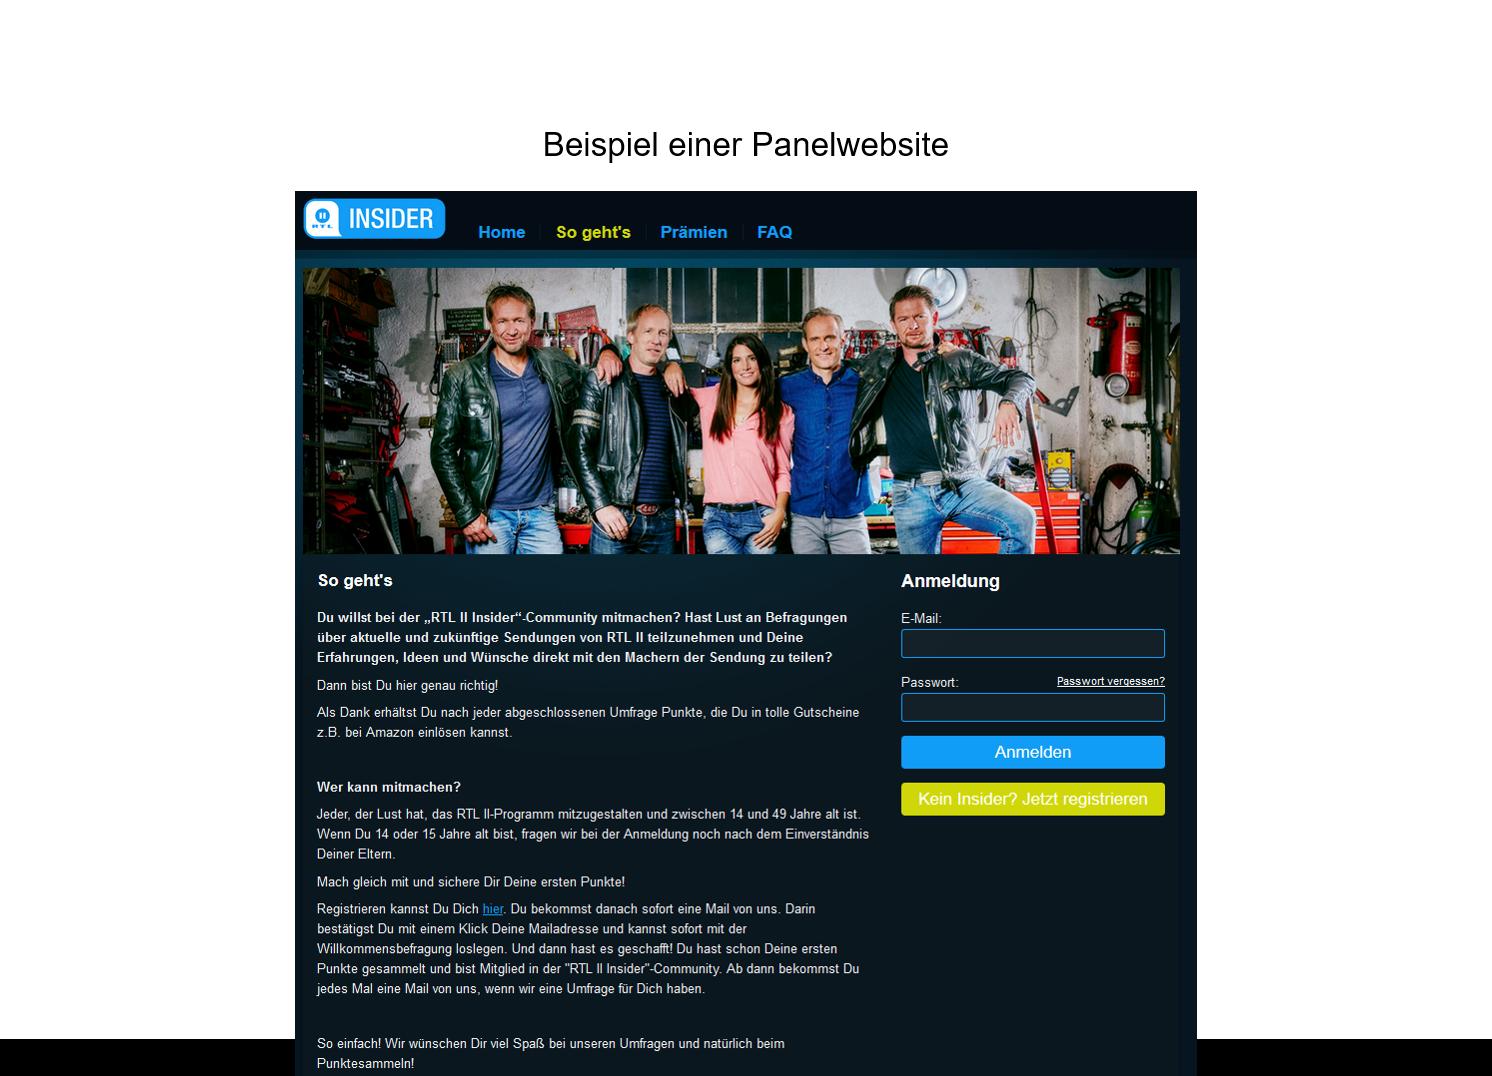 Beispiel Panelwebsite RTL 2 Insider